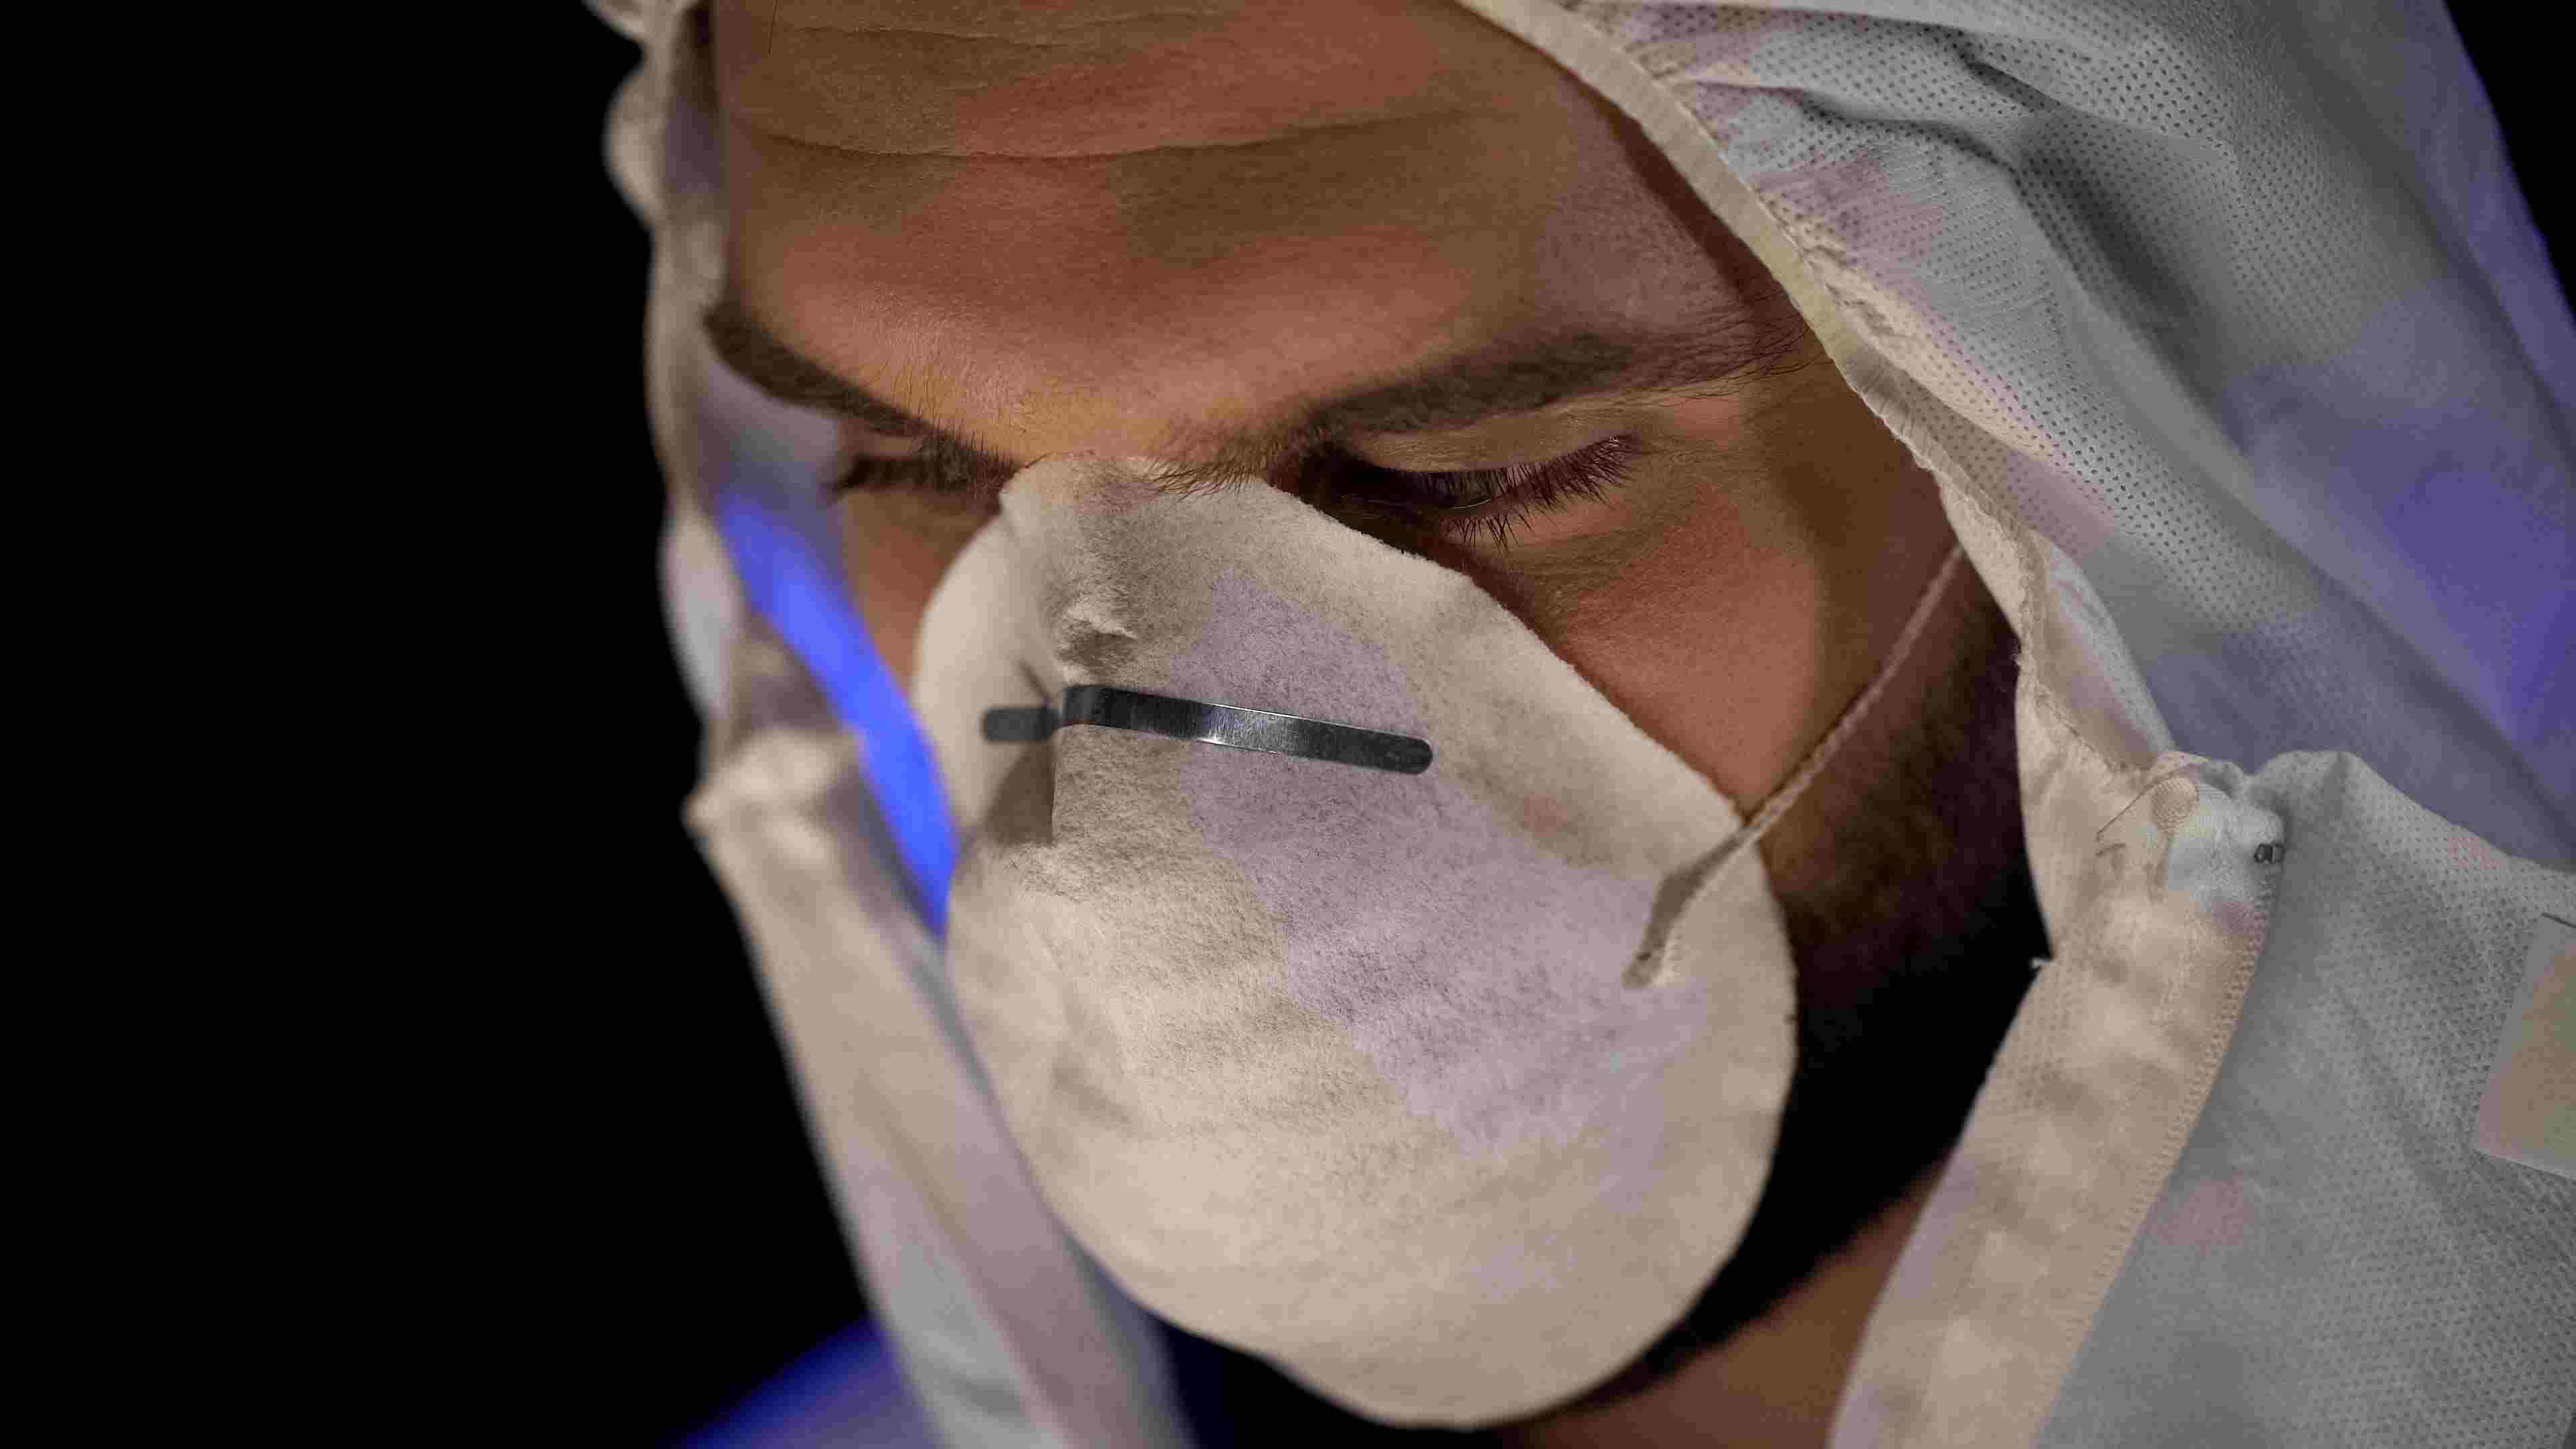 staubmaske gegen Gift